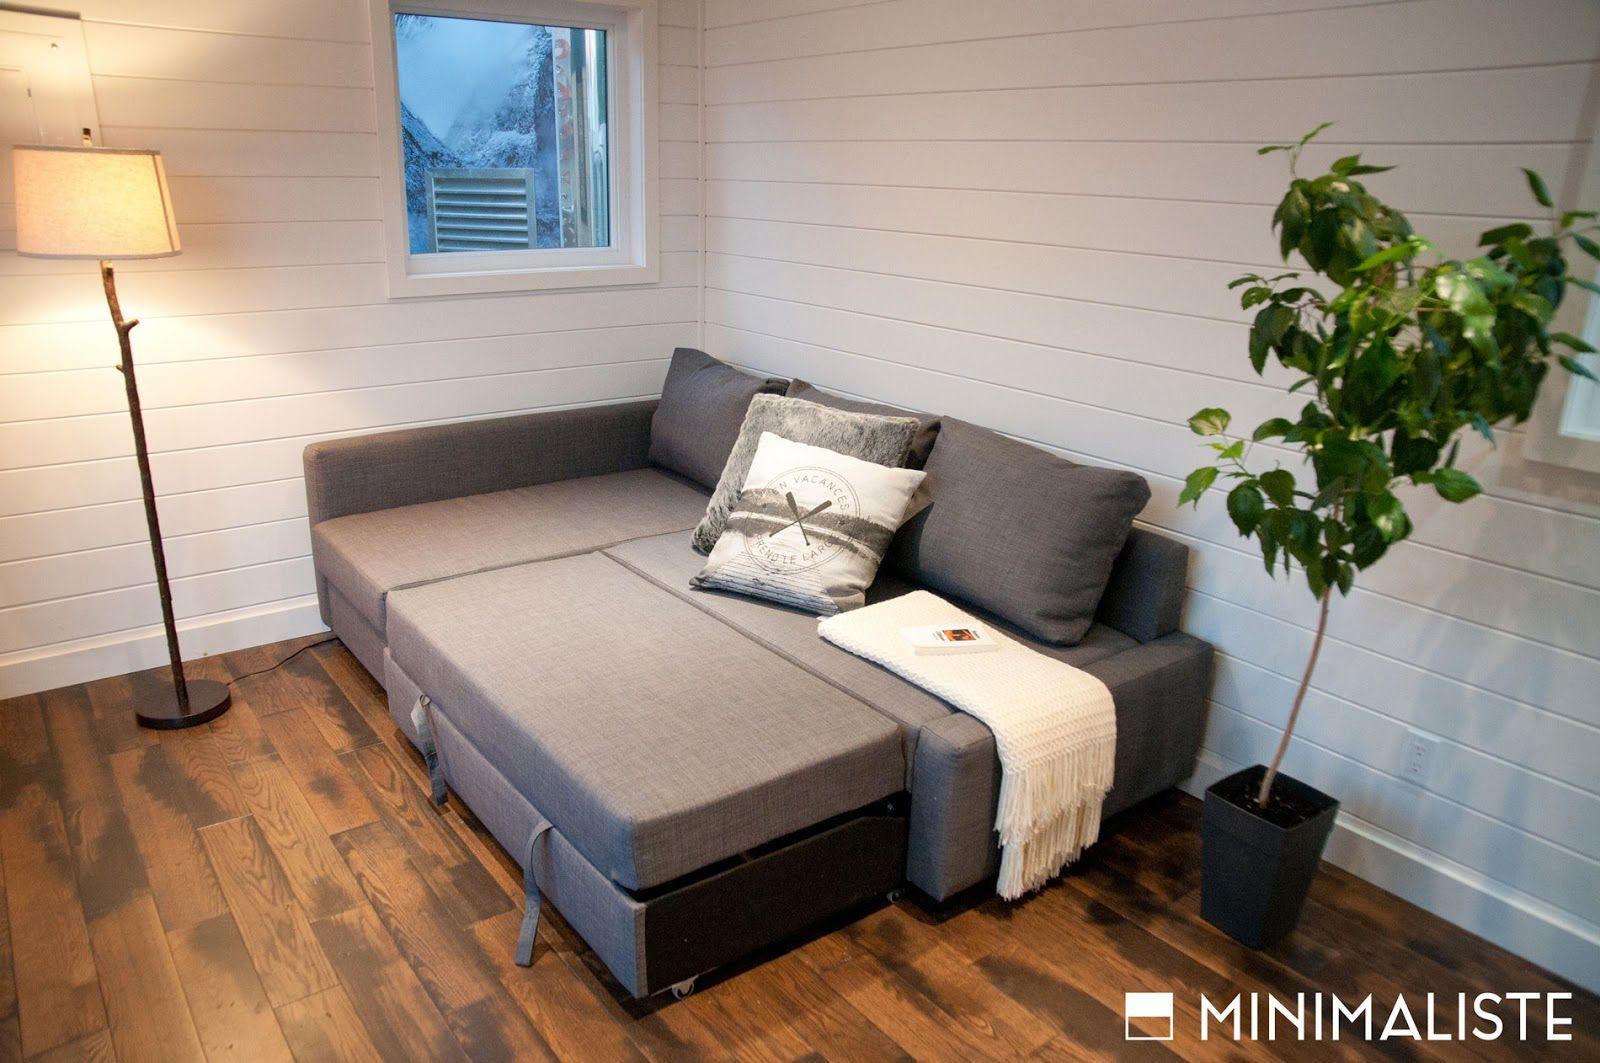 tiny home furniture. The \ Tiny Home Furniture H